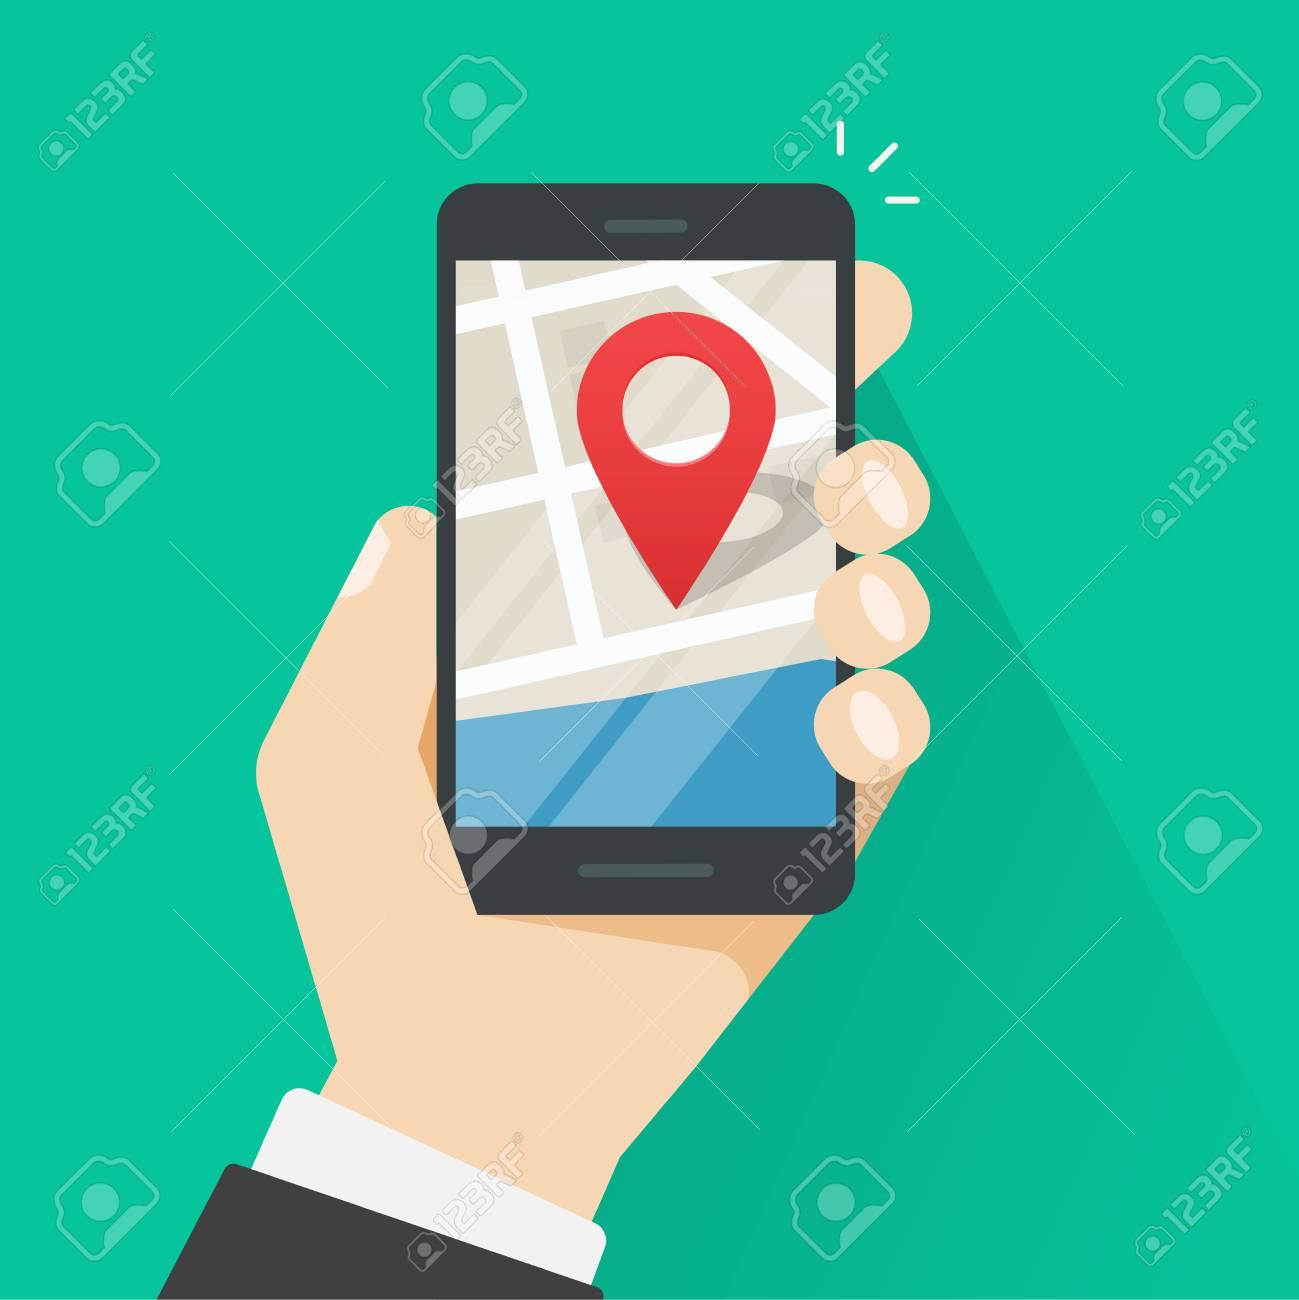 """50 respuesta a """"Como rastrear un celular gratis"""""""